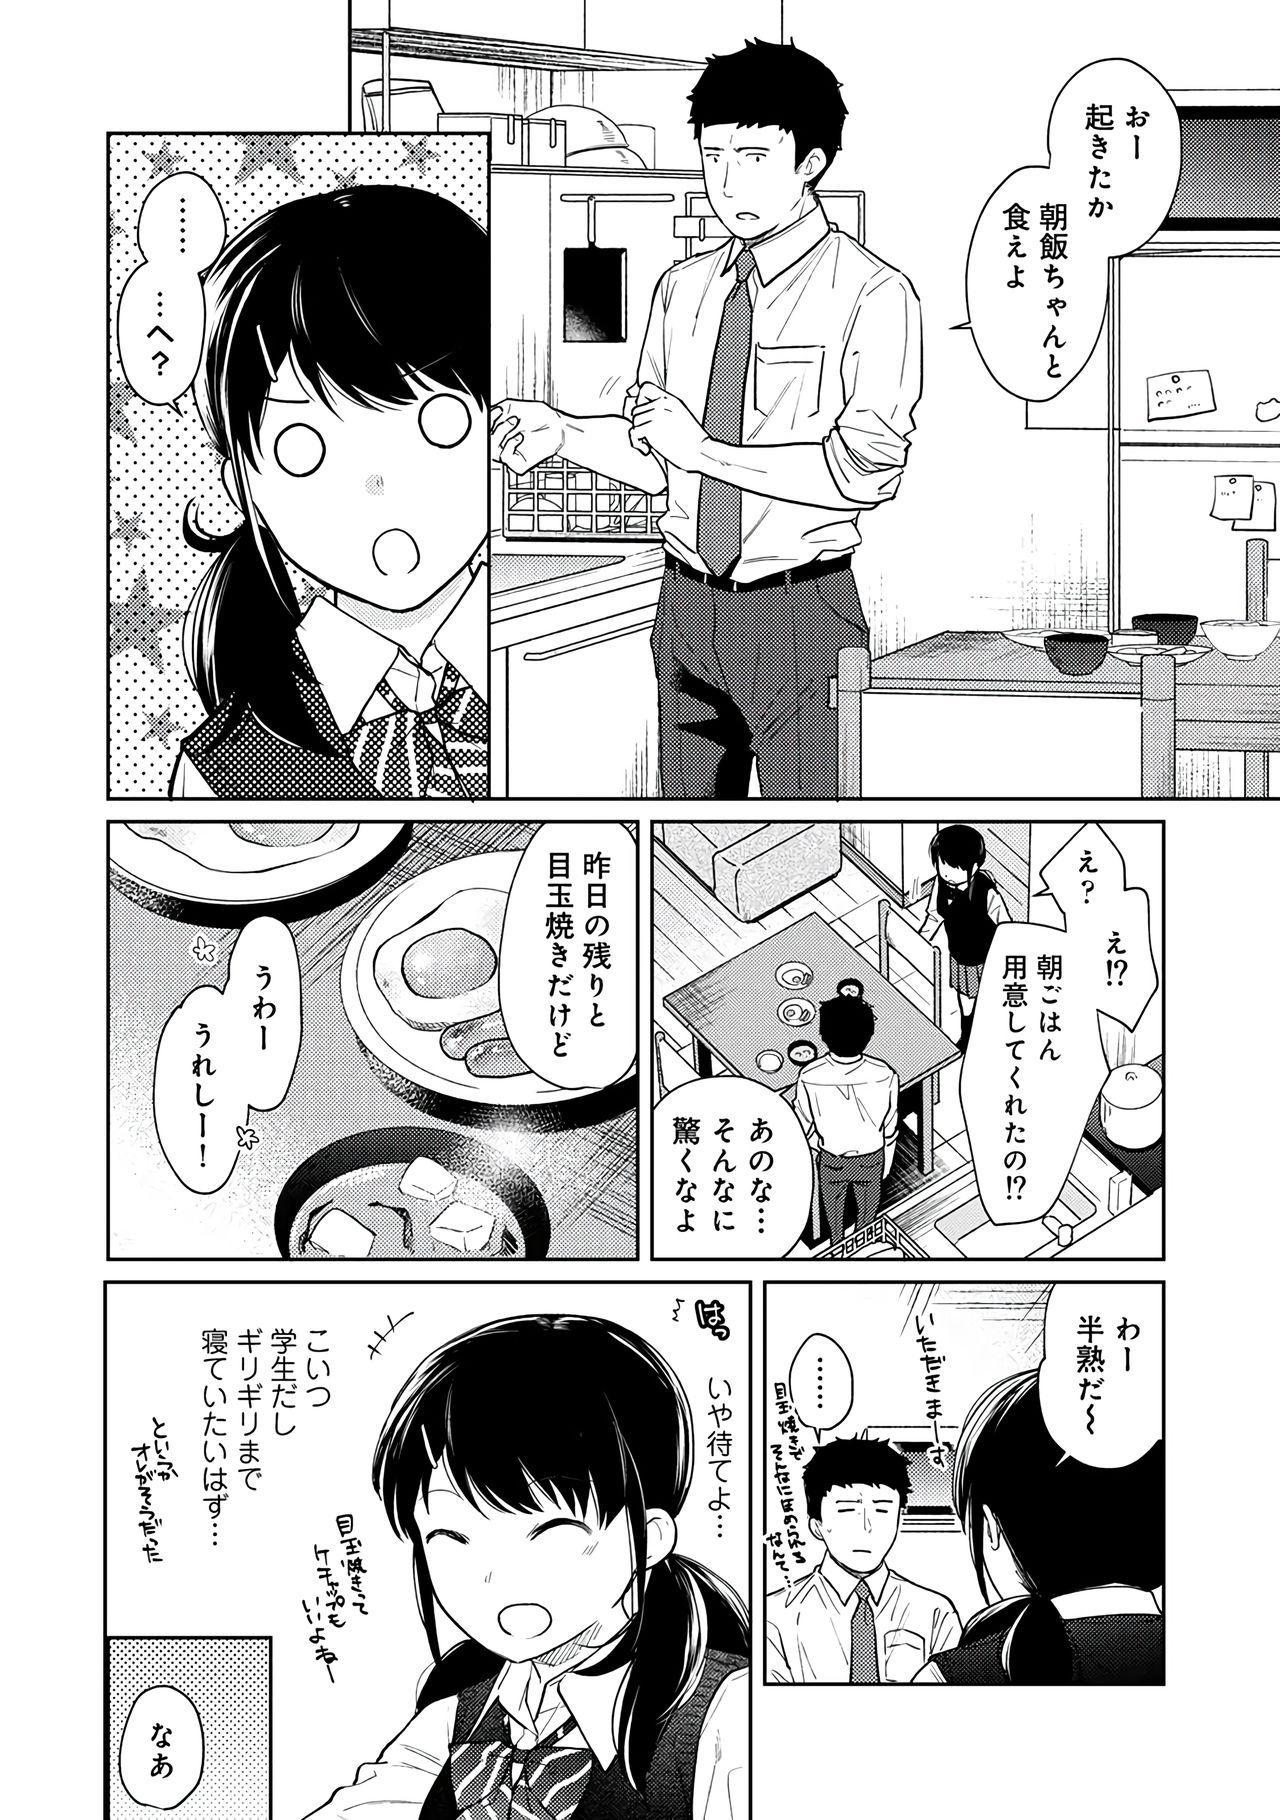 1LDK+JK Ikinari Doukyo? Micchaku!? Hatsu Ecchi!!? Vol.2 29